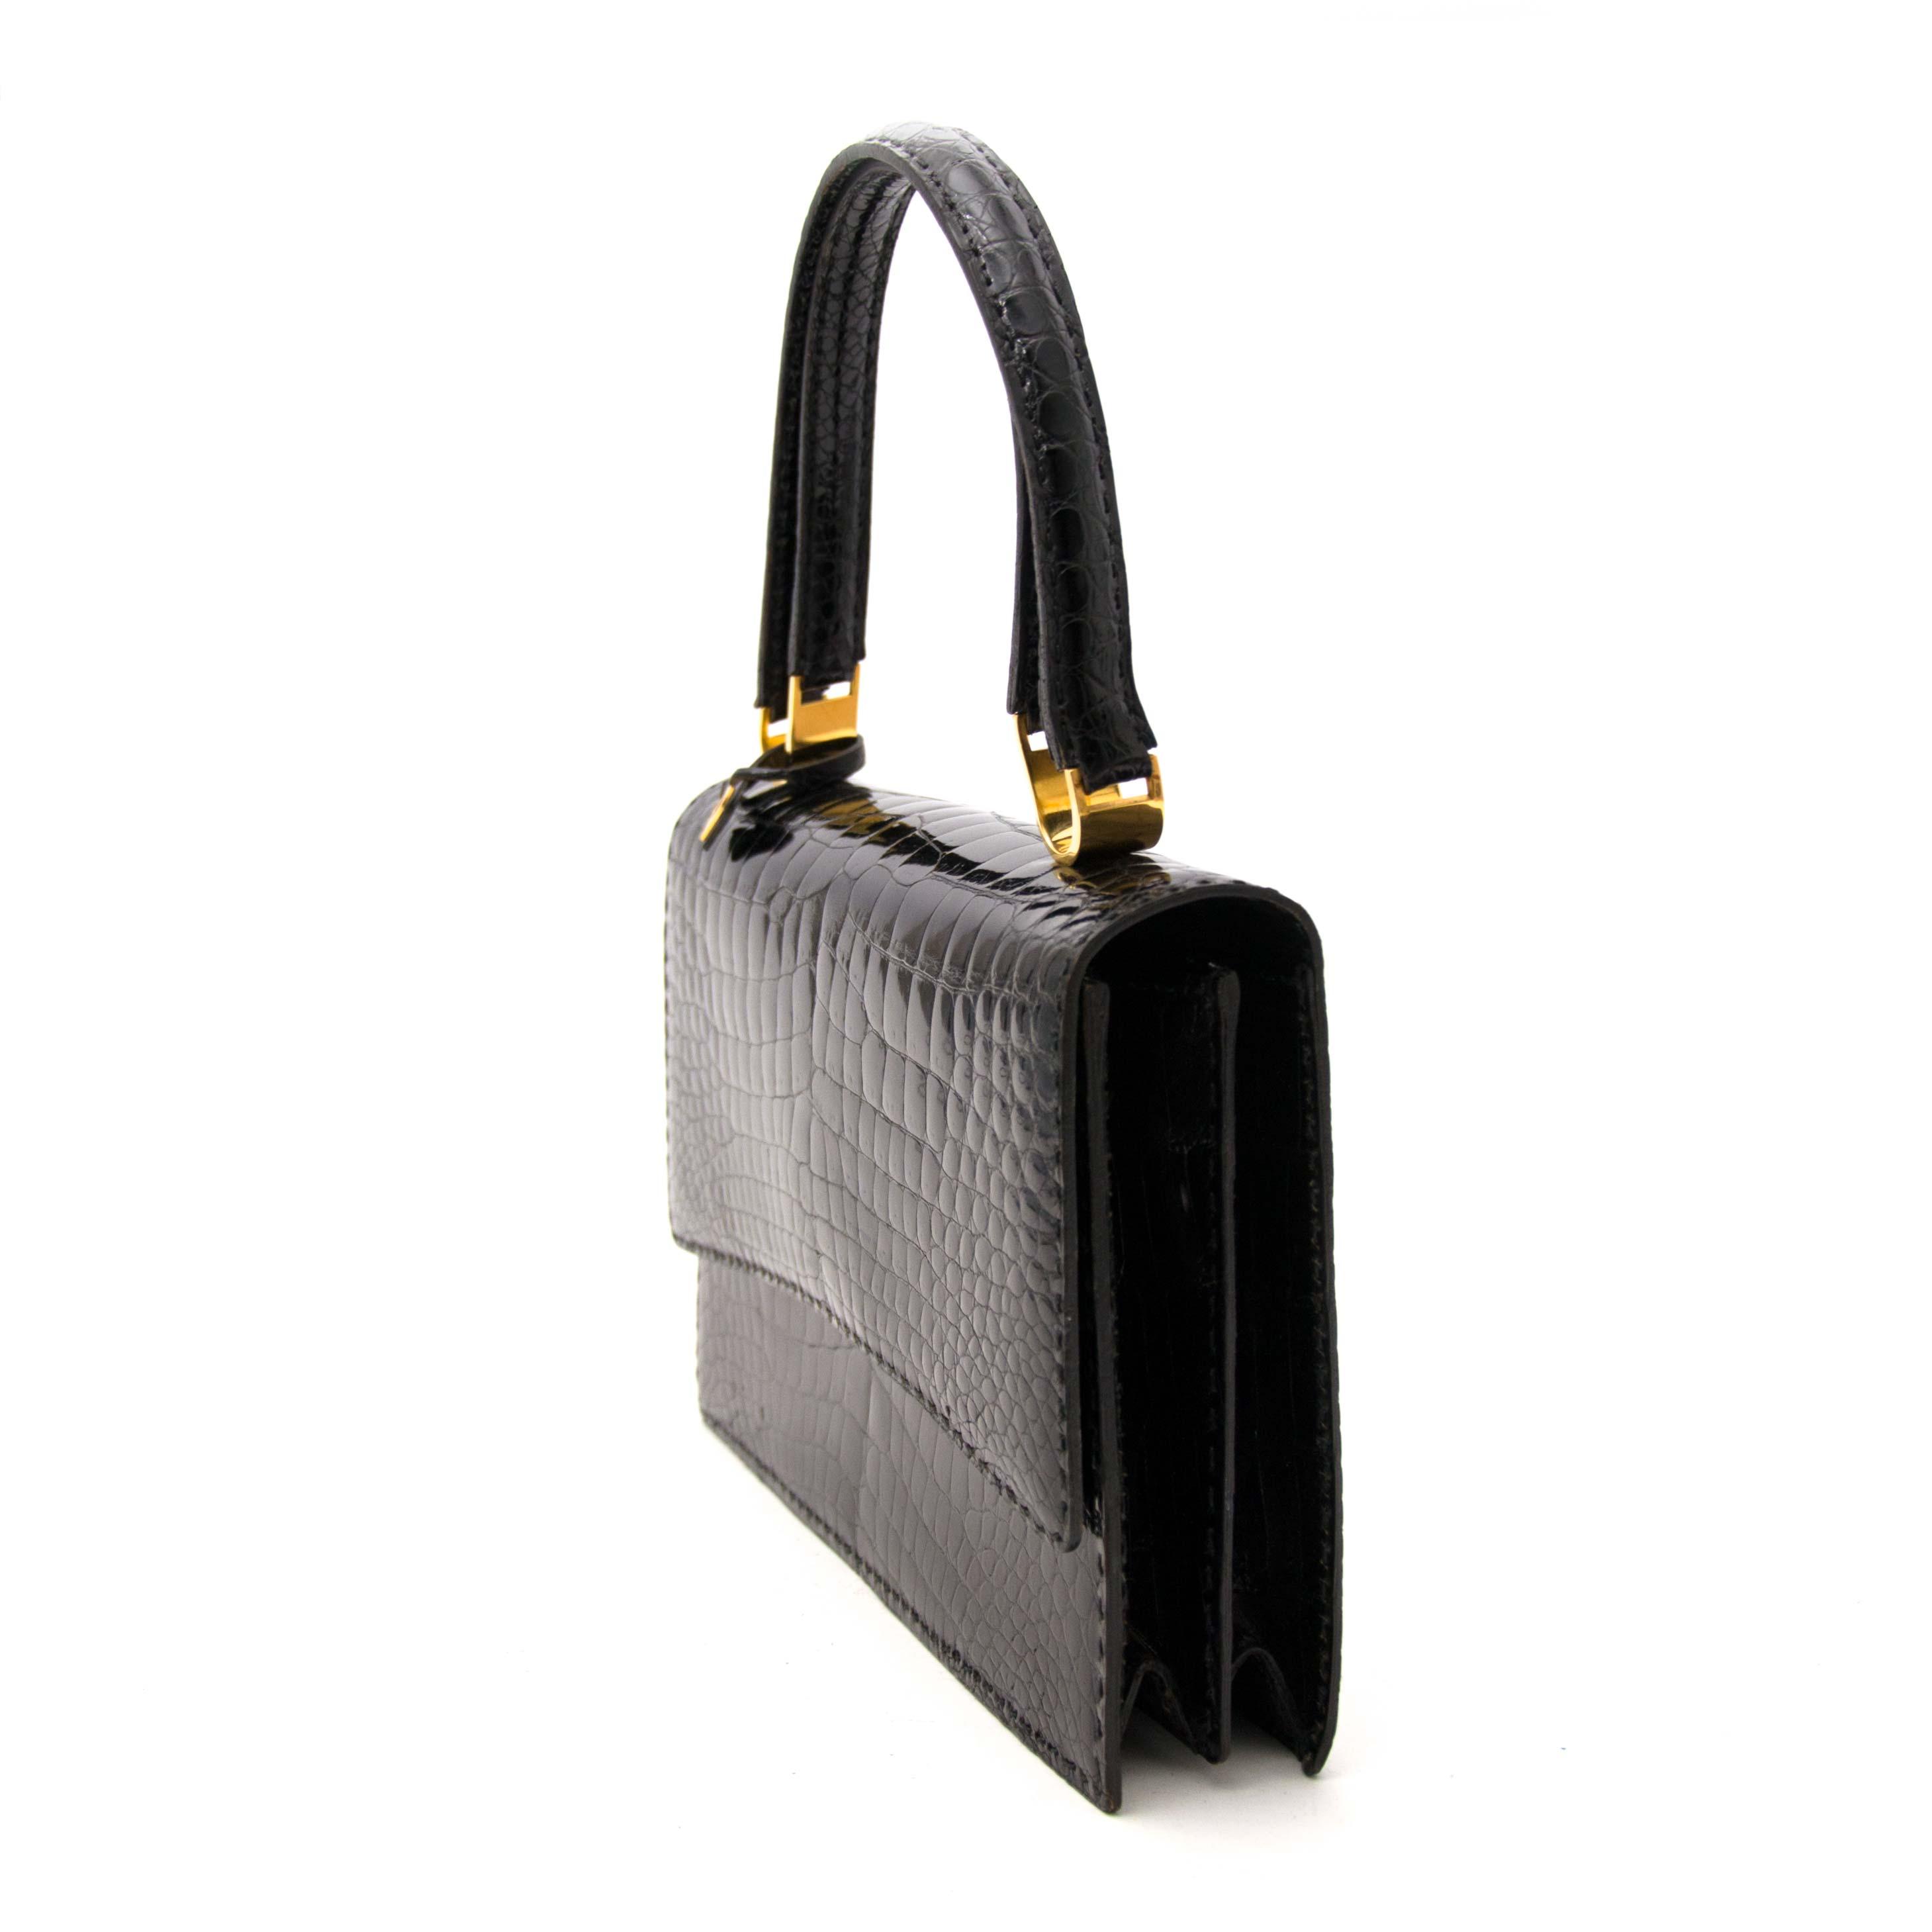 acheter en ligne neuf authentic sac a main Delvaux Black Pain Brule Bag